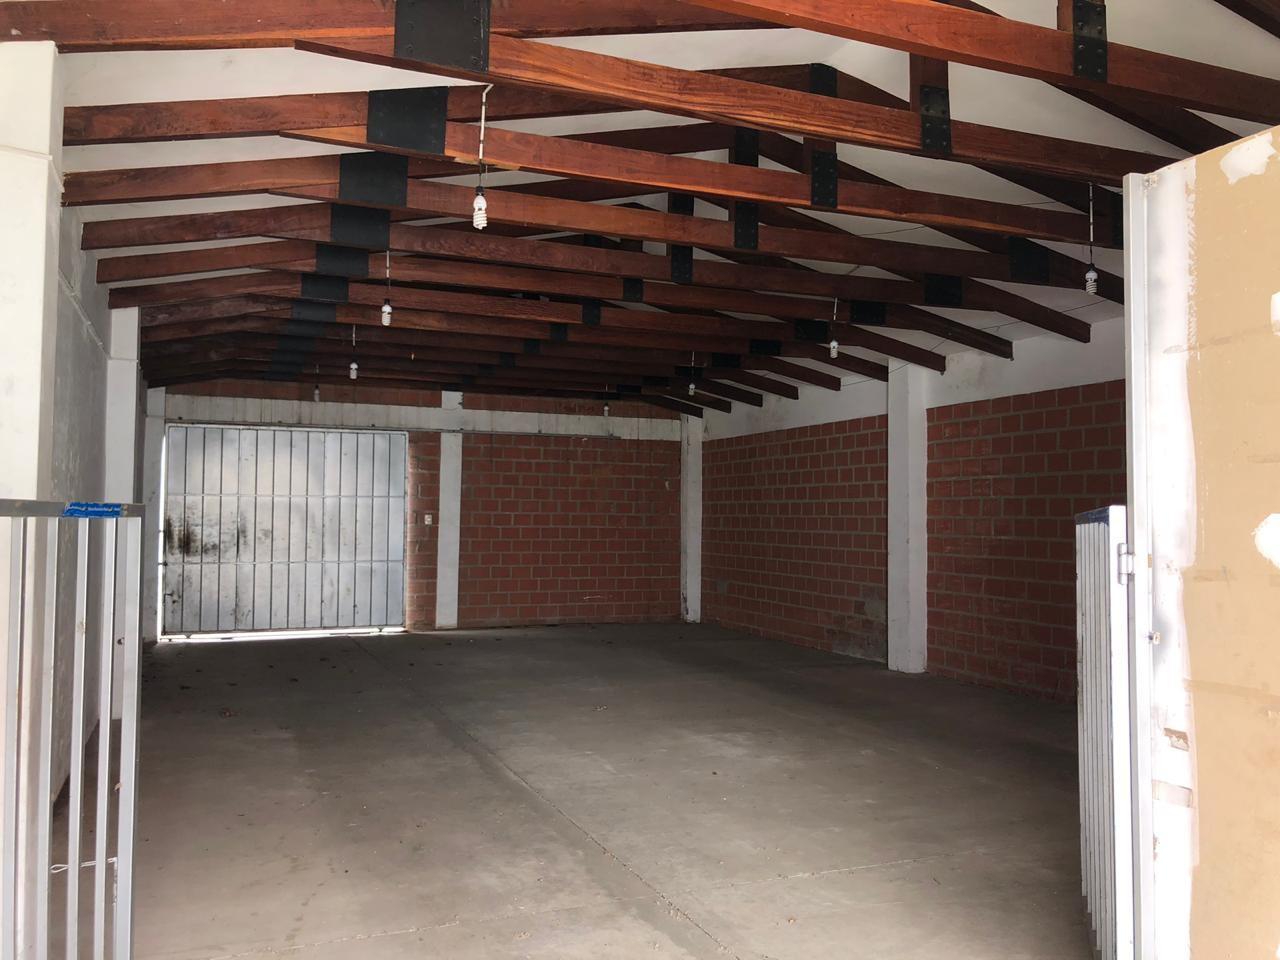 Local comercial en Alquiler LOCAL COMERCIAL EN ALQUILER, CALLE MONTENICH A MEDIA CUADRA DE LA AV. BANZER. Foto 3